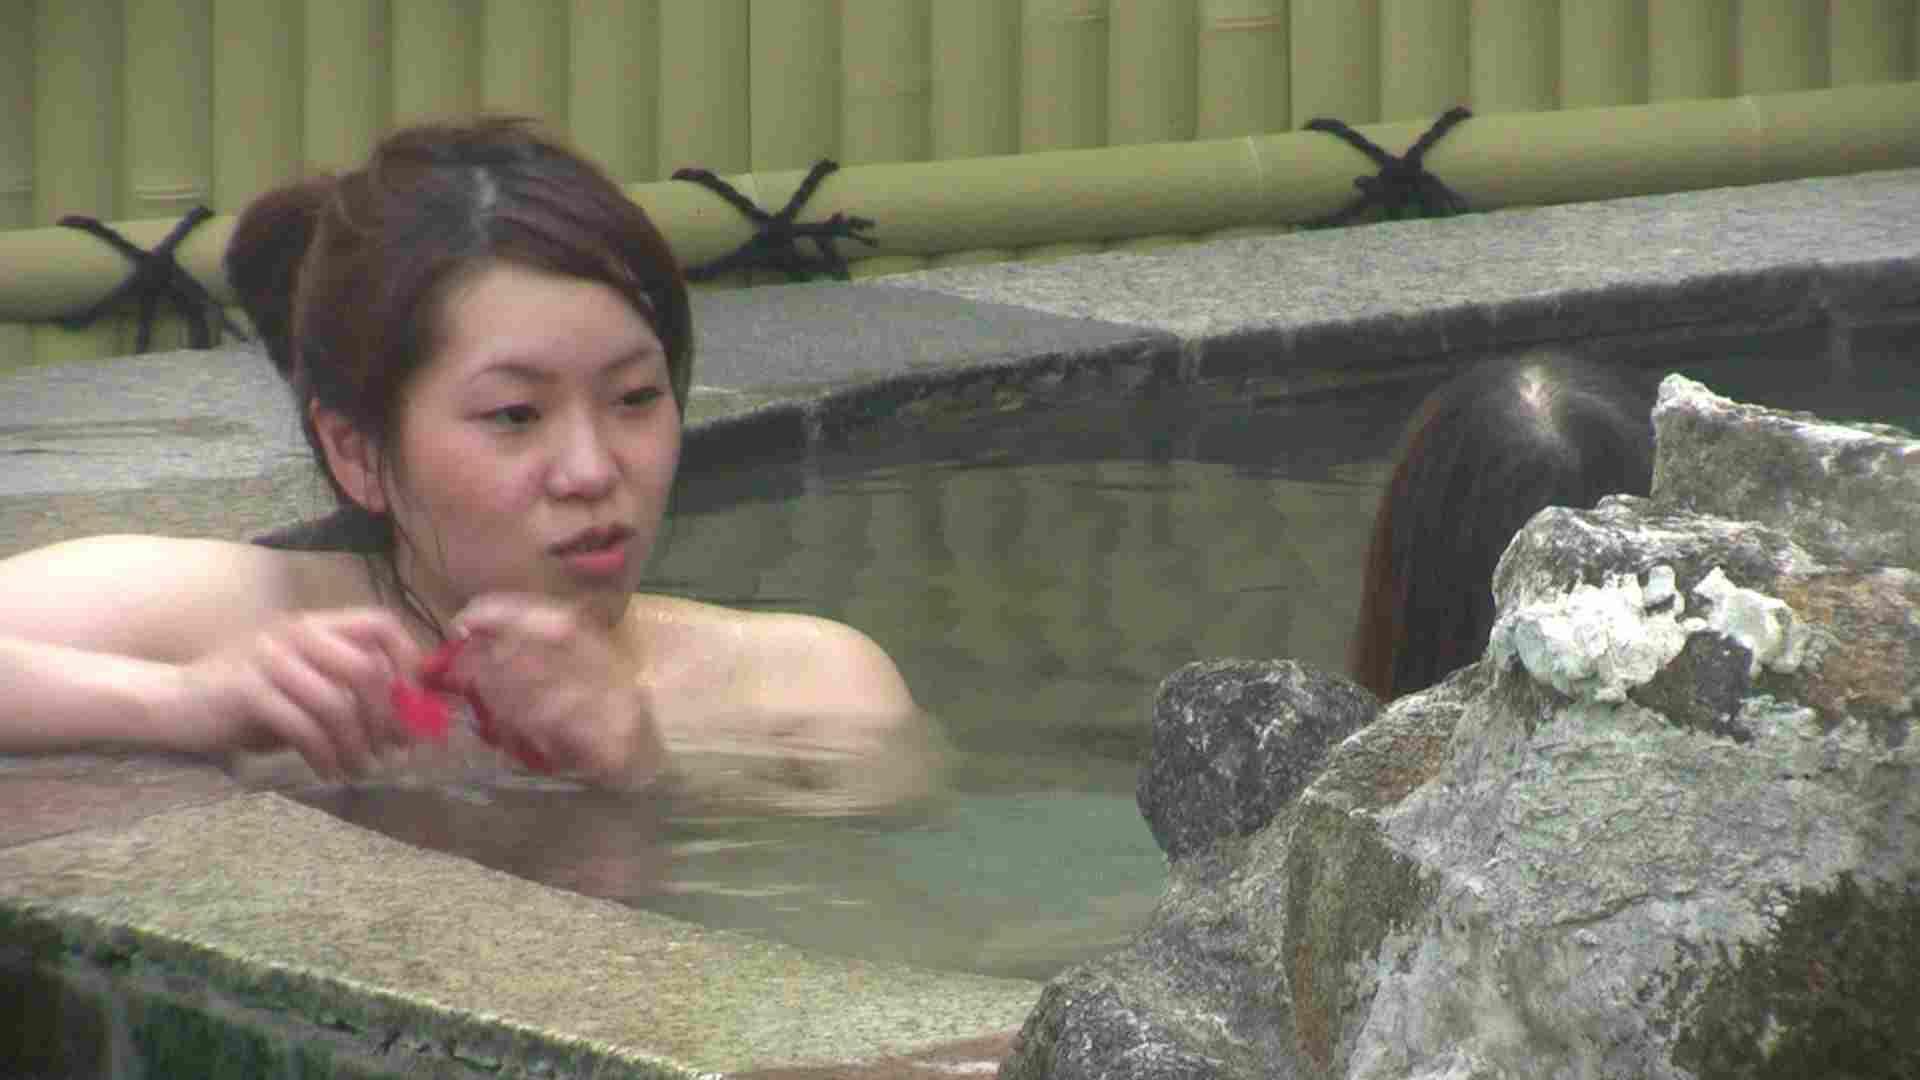 Aquaな露天風呂Vol.680 OLのエロ生活   盗撮  98連発 28